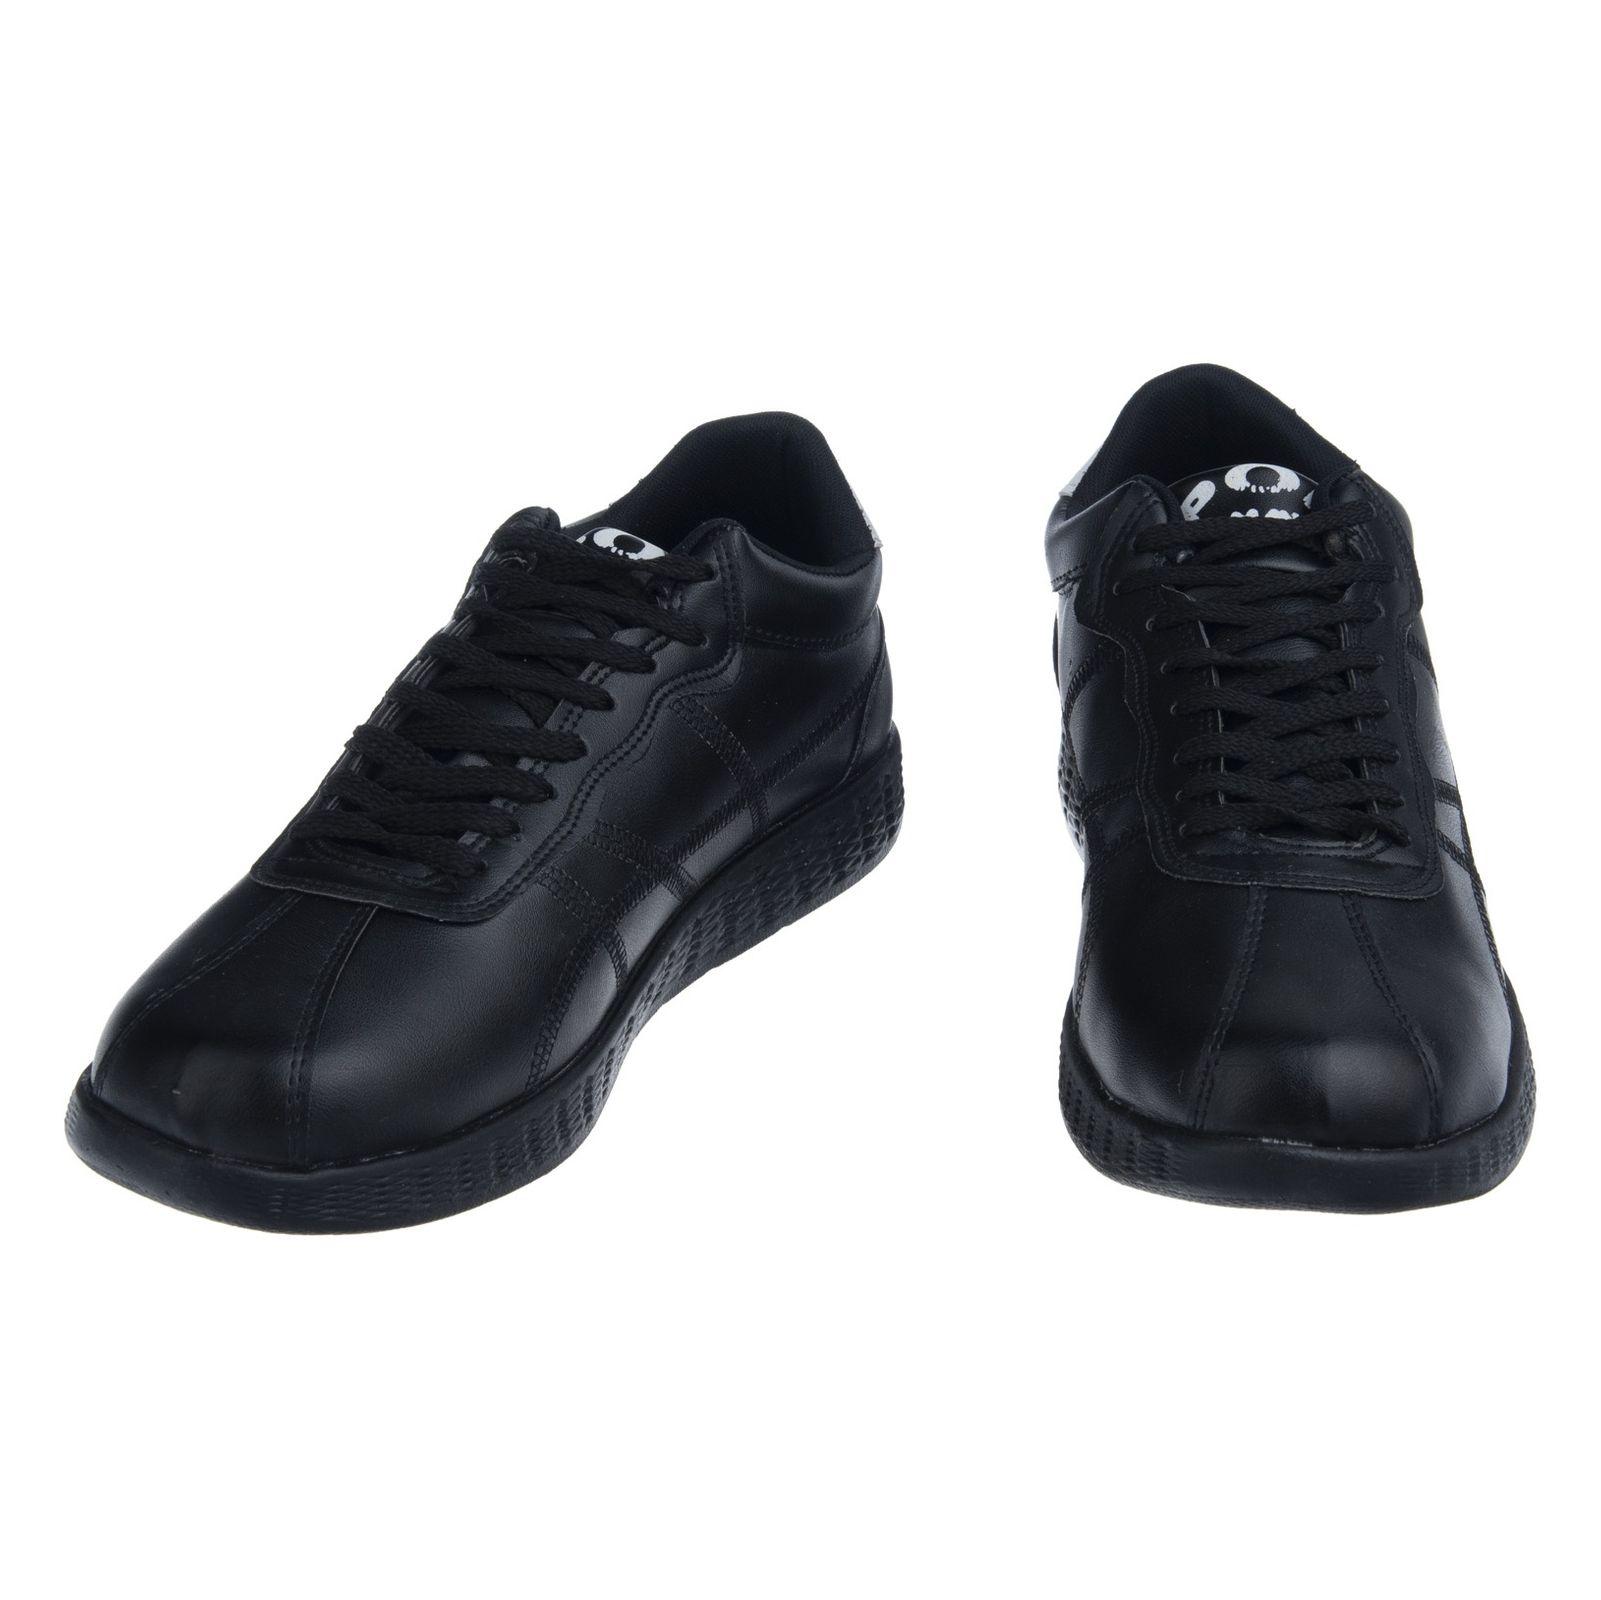 کفش ورزشی مردانه اسپرت من مدل 39785-1-1 main 1 3